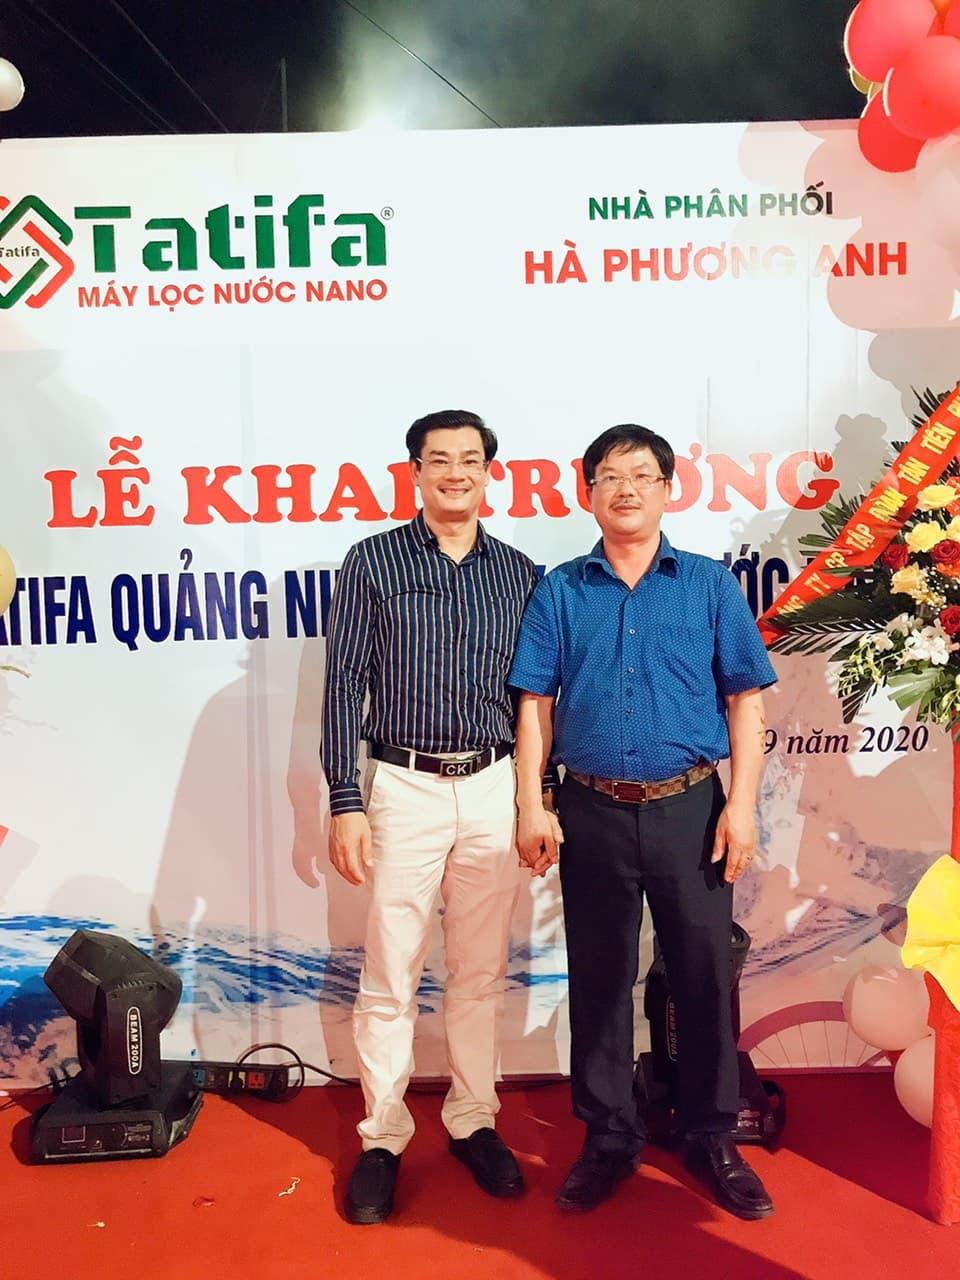 Thương hiệu máy lọc nước Nano Tatifa khai trương nhà phân phối đầu tiên tại phía Bắc 3